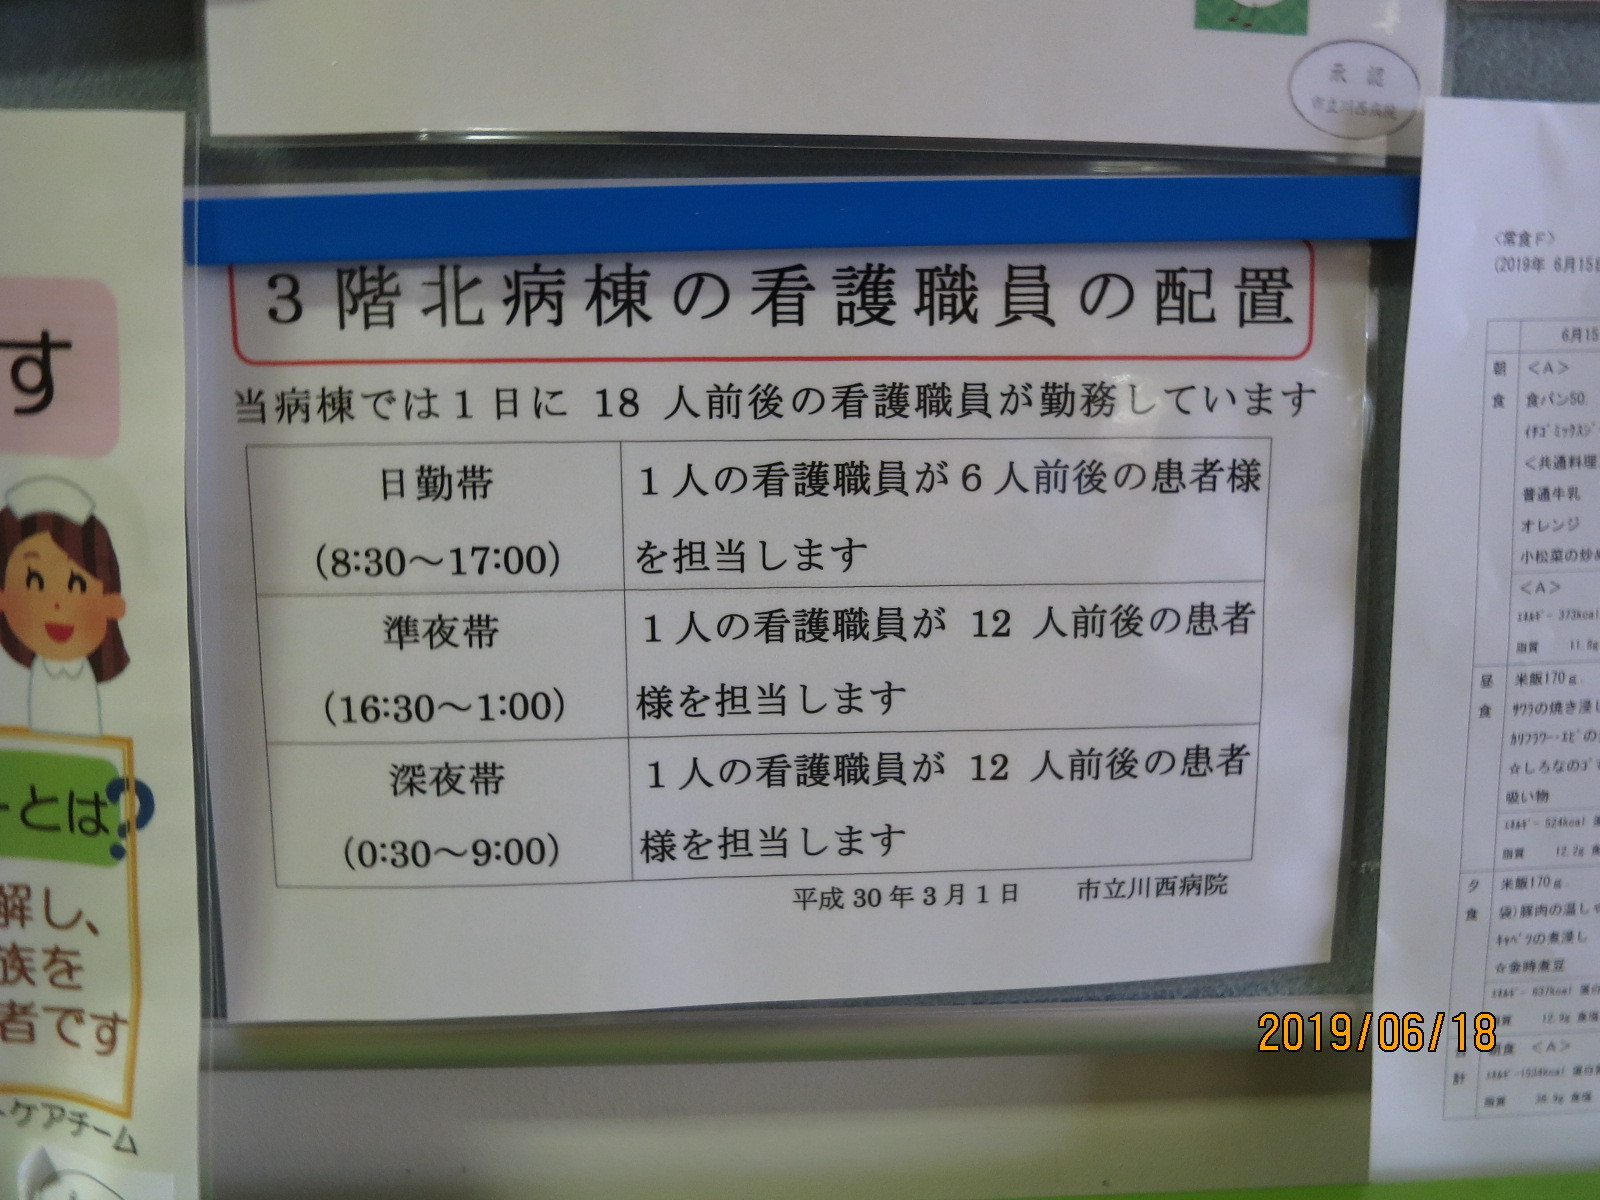 市民からの請願をバッサリ 💦「市民に病院の情報は届いているか」4階北病棟(37床)は5月1日から休床中 💦_f0061067_23123434.jpg